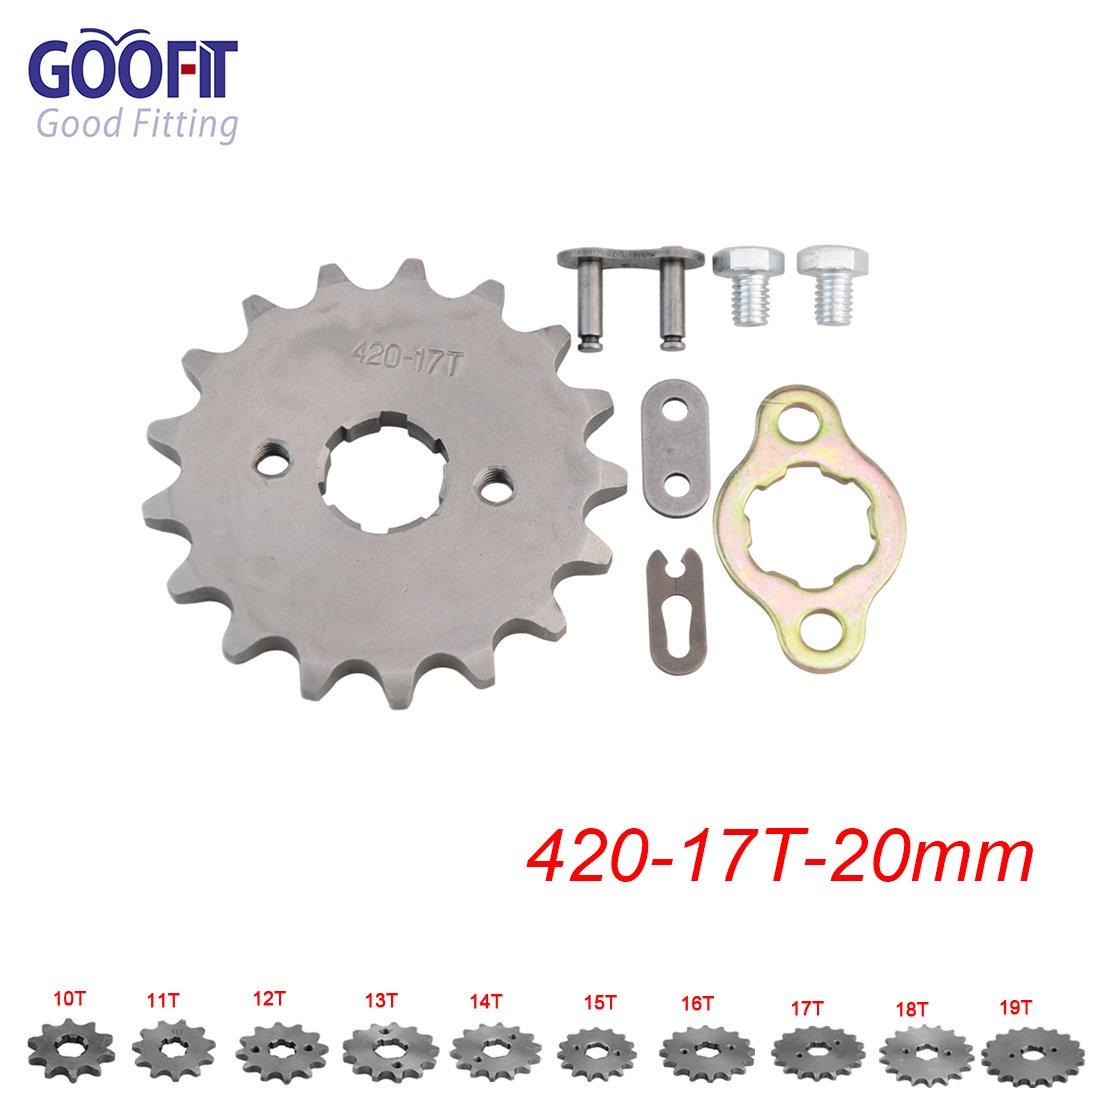 GOOFIT 428 14T 20mm trasmissione cambio pignone catena ingranaggi gruppo piccoli per motocross fuoristrada ATV quad da 50cc 110cc Dirt Bike ATV